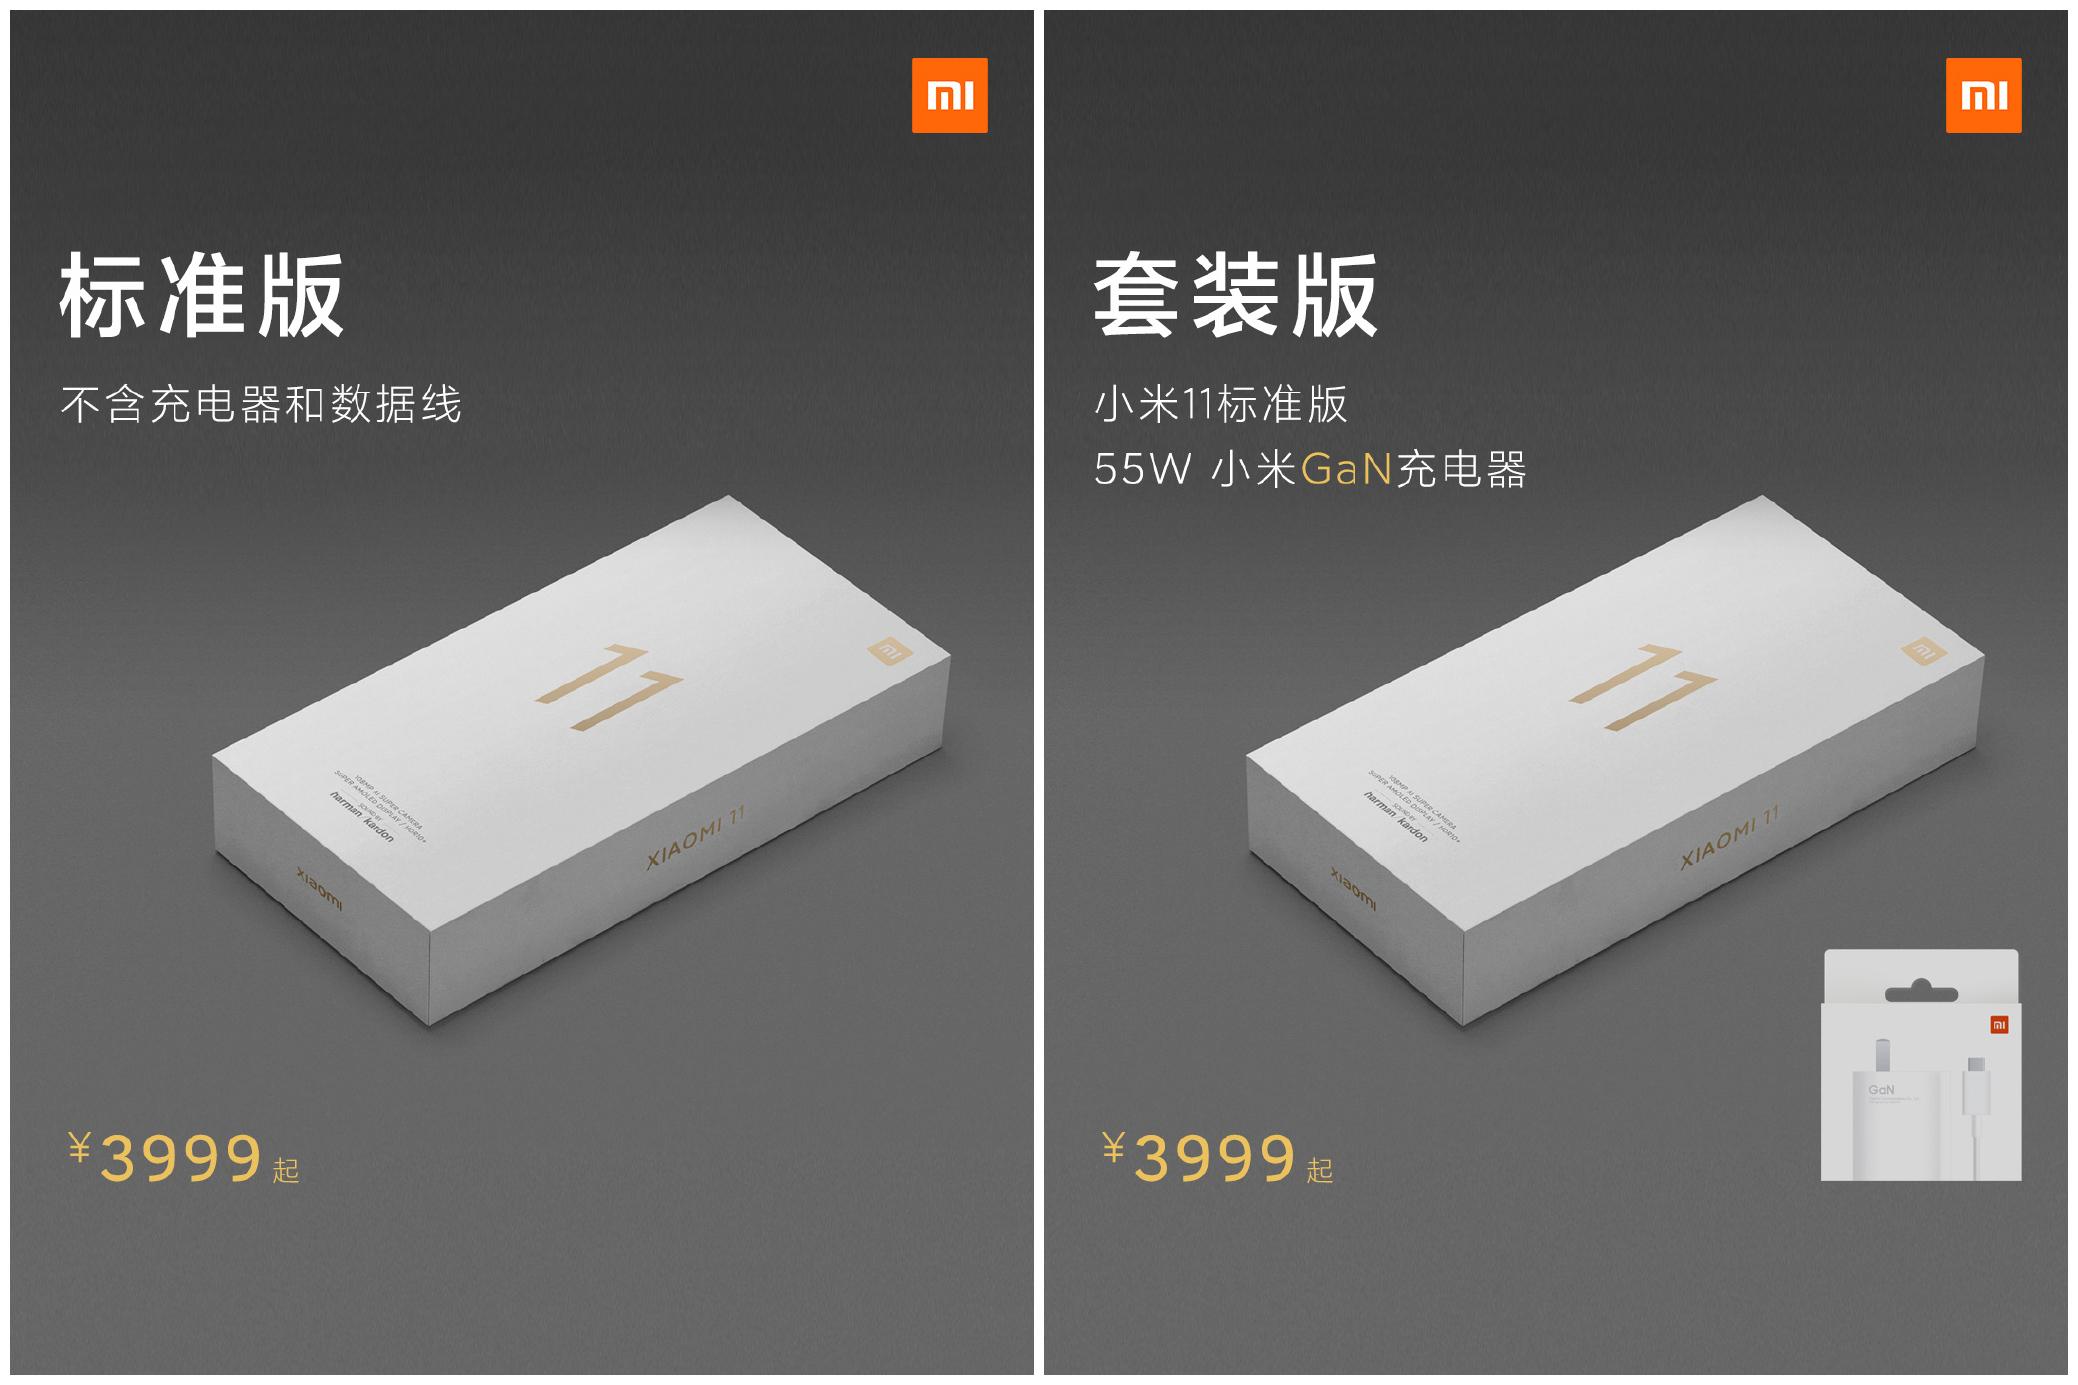 小米11标准版取消附赠充电器:55W套装版同价